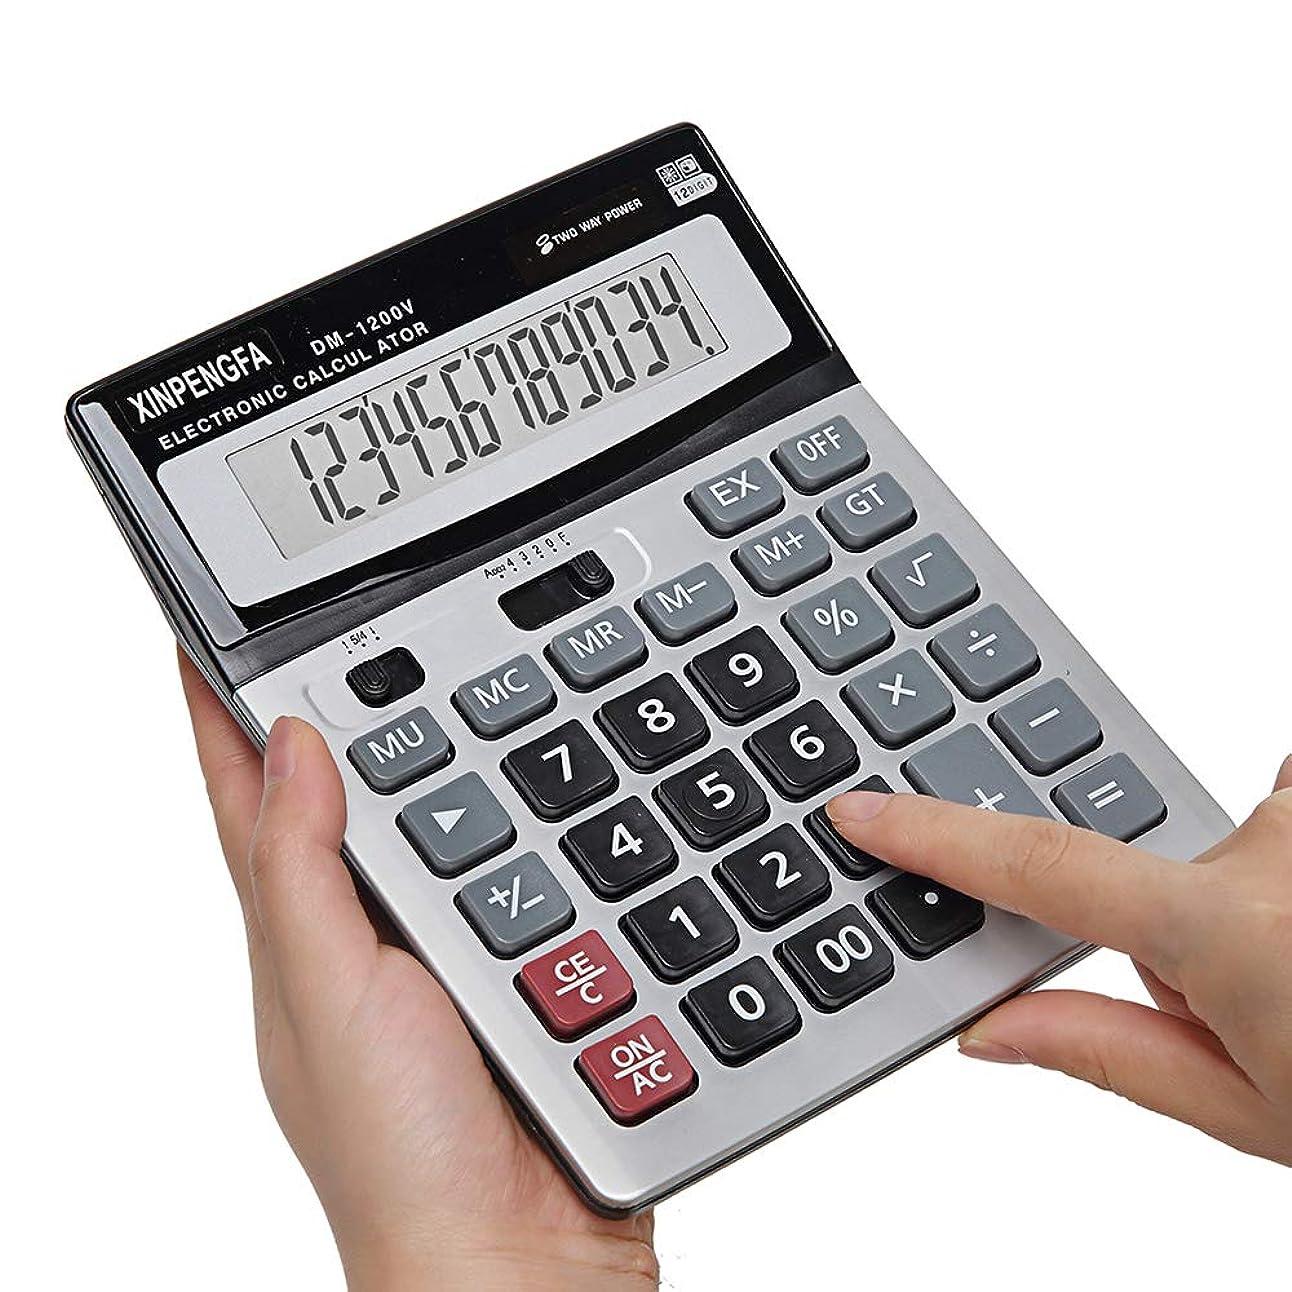 いつか最大限懸念Xinpengfa 基本電卓 ビッグボタン 12桁 大型ディスプレイ 2方向電源標準機能 デスクトップビジネス用電卓